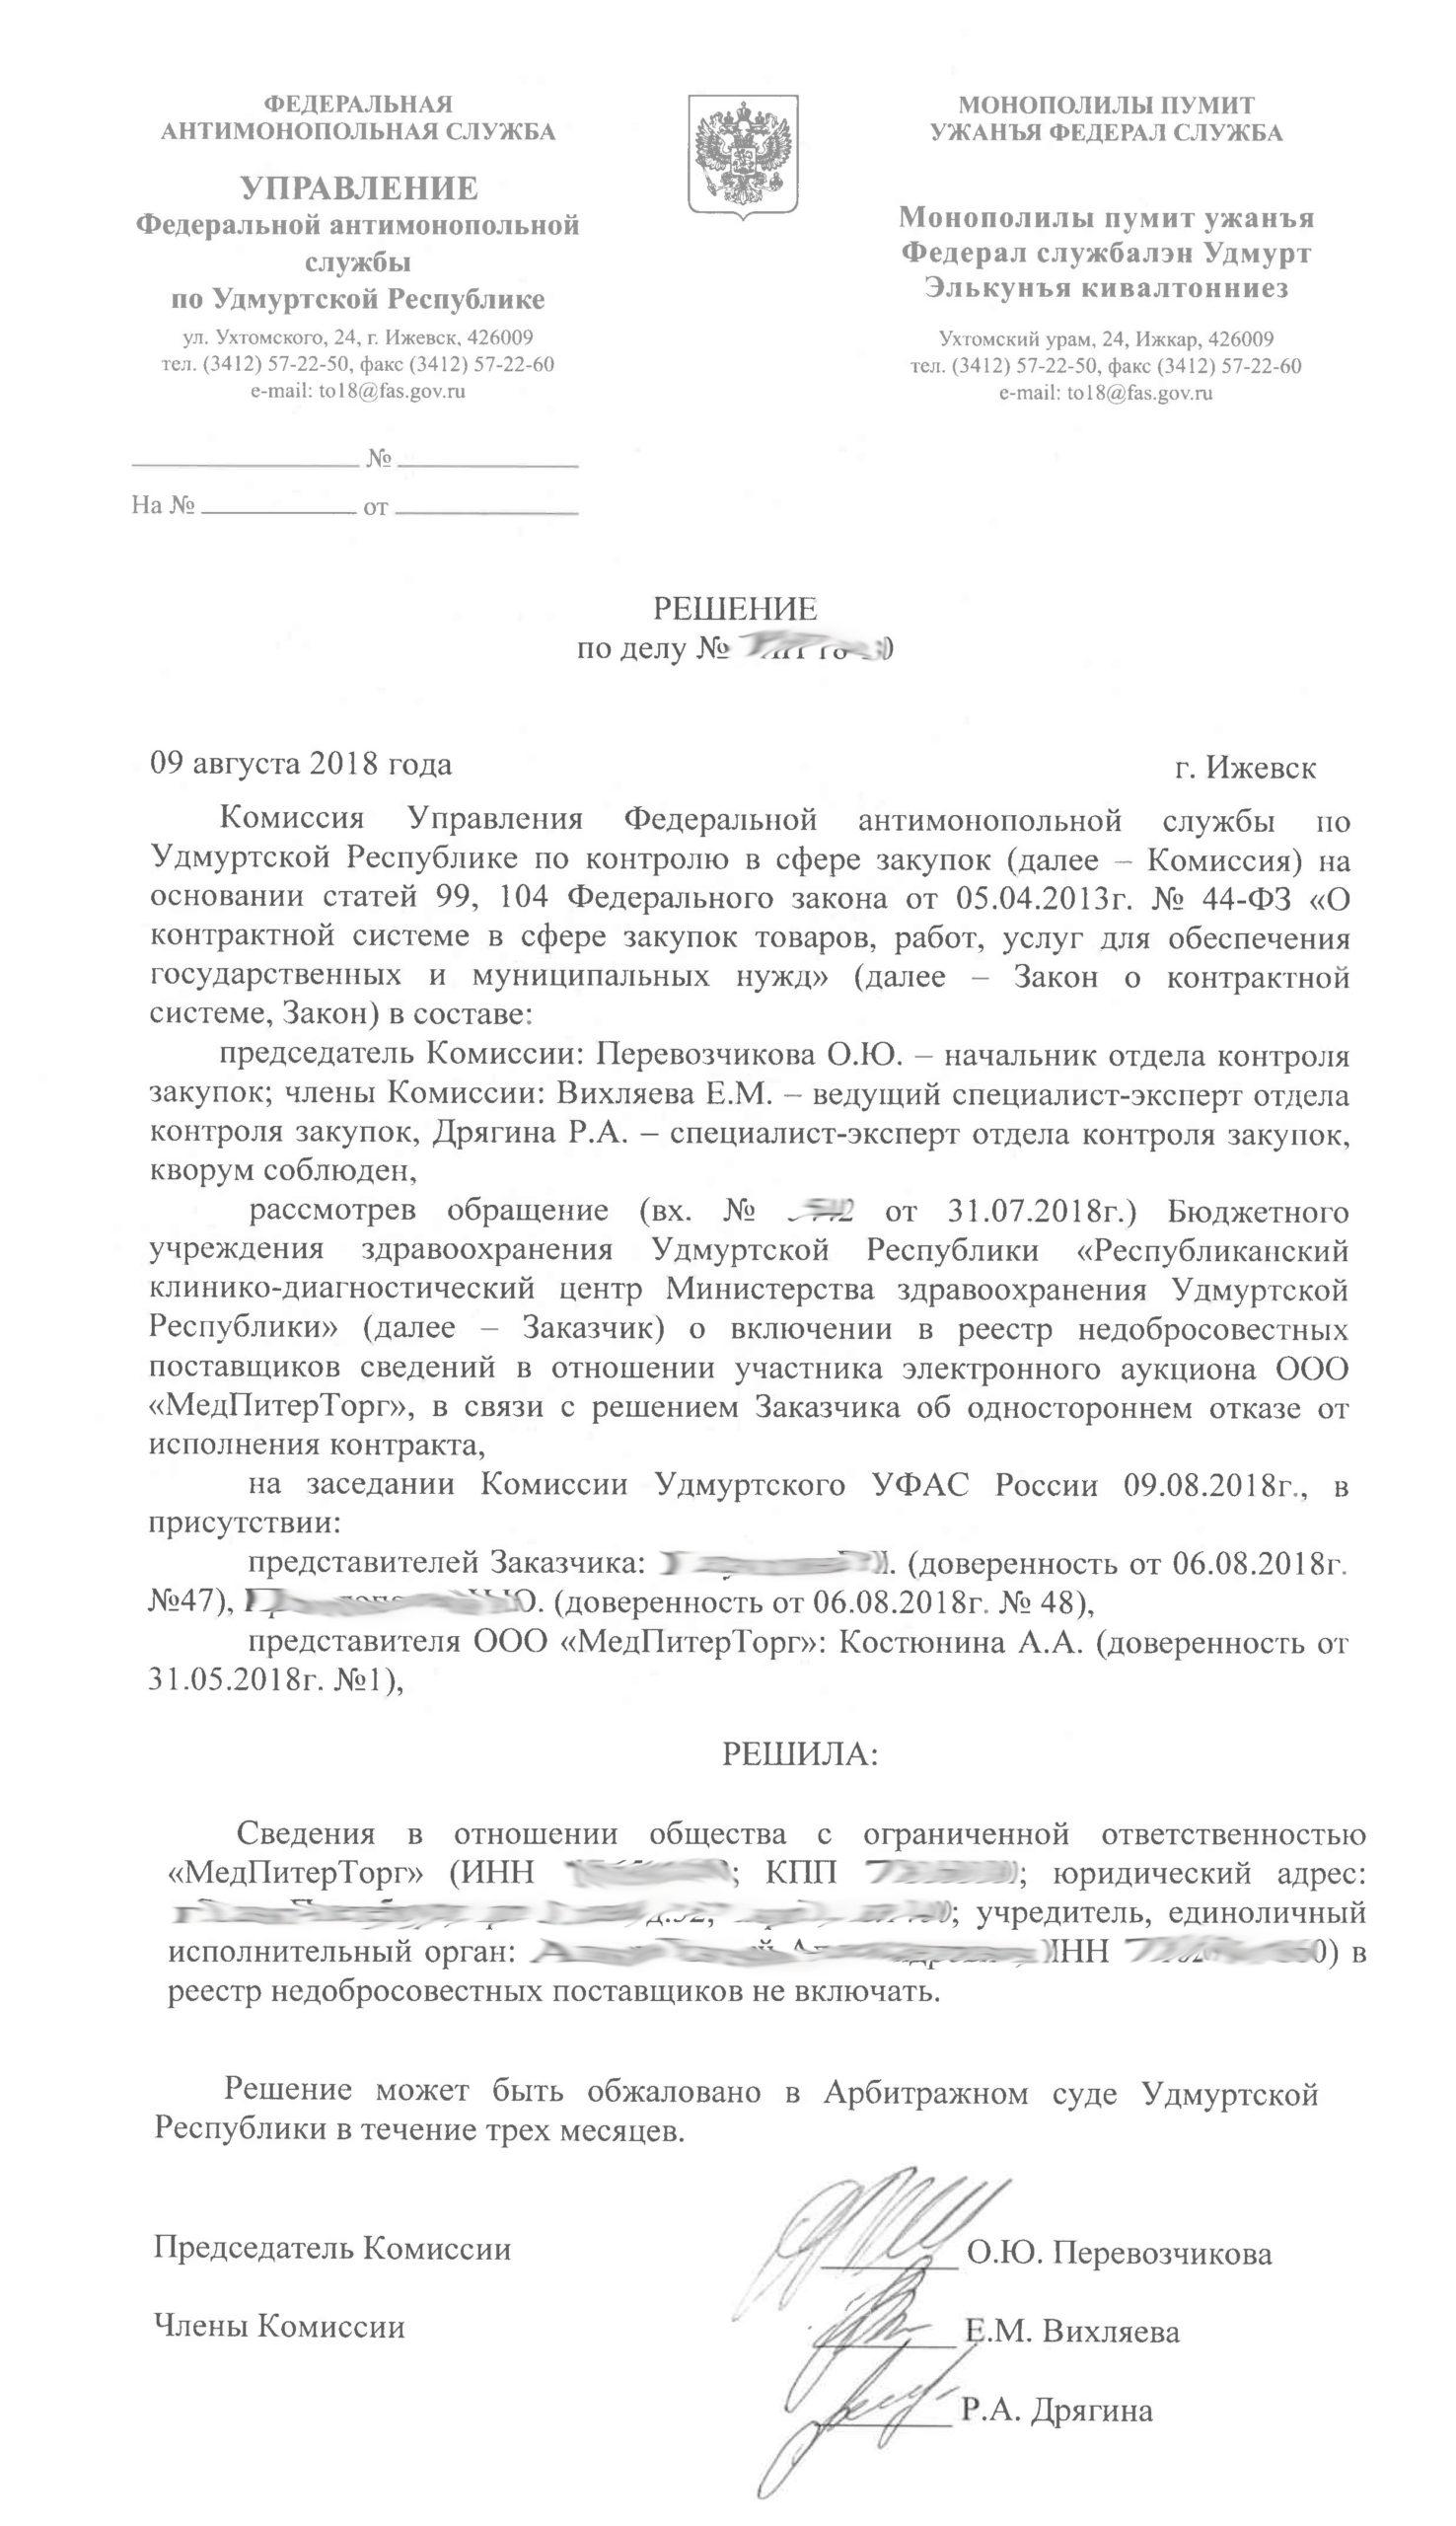 Удмуртское УФАС Медпитерторг